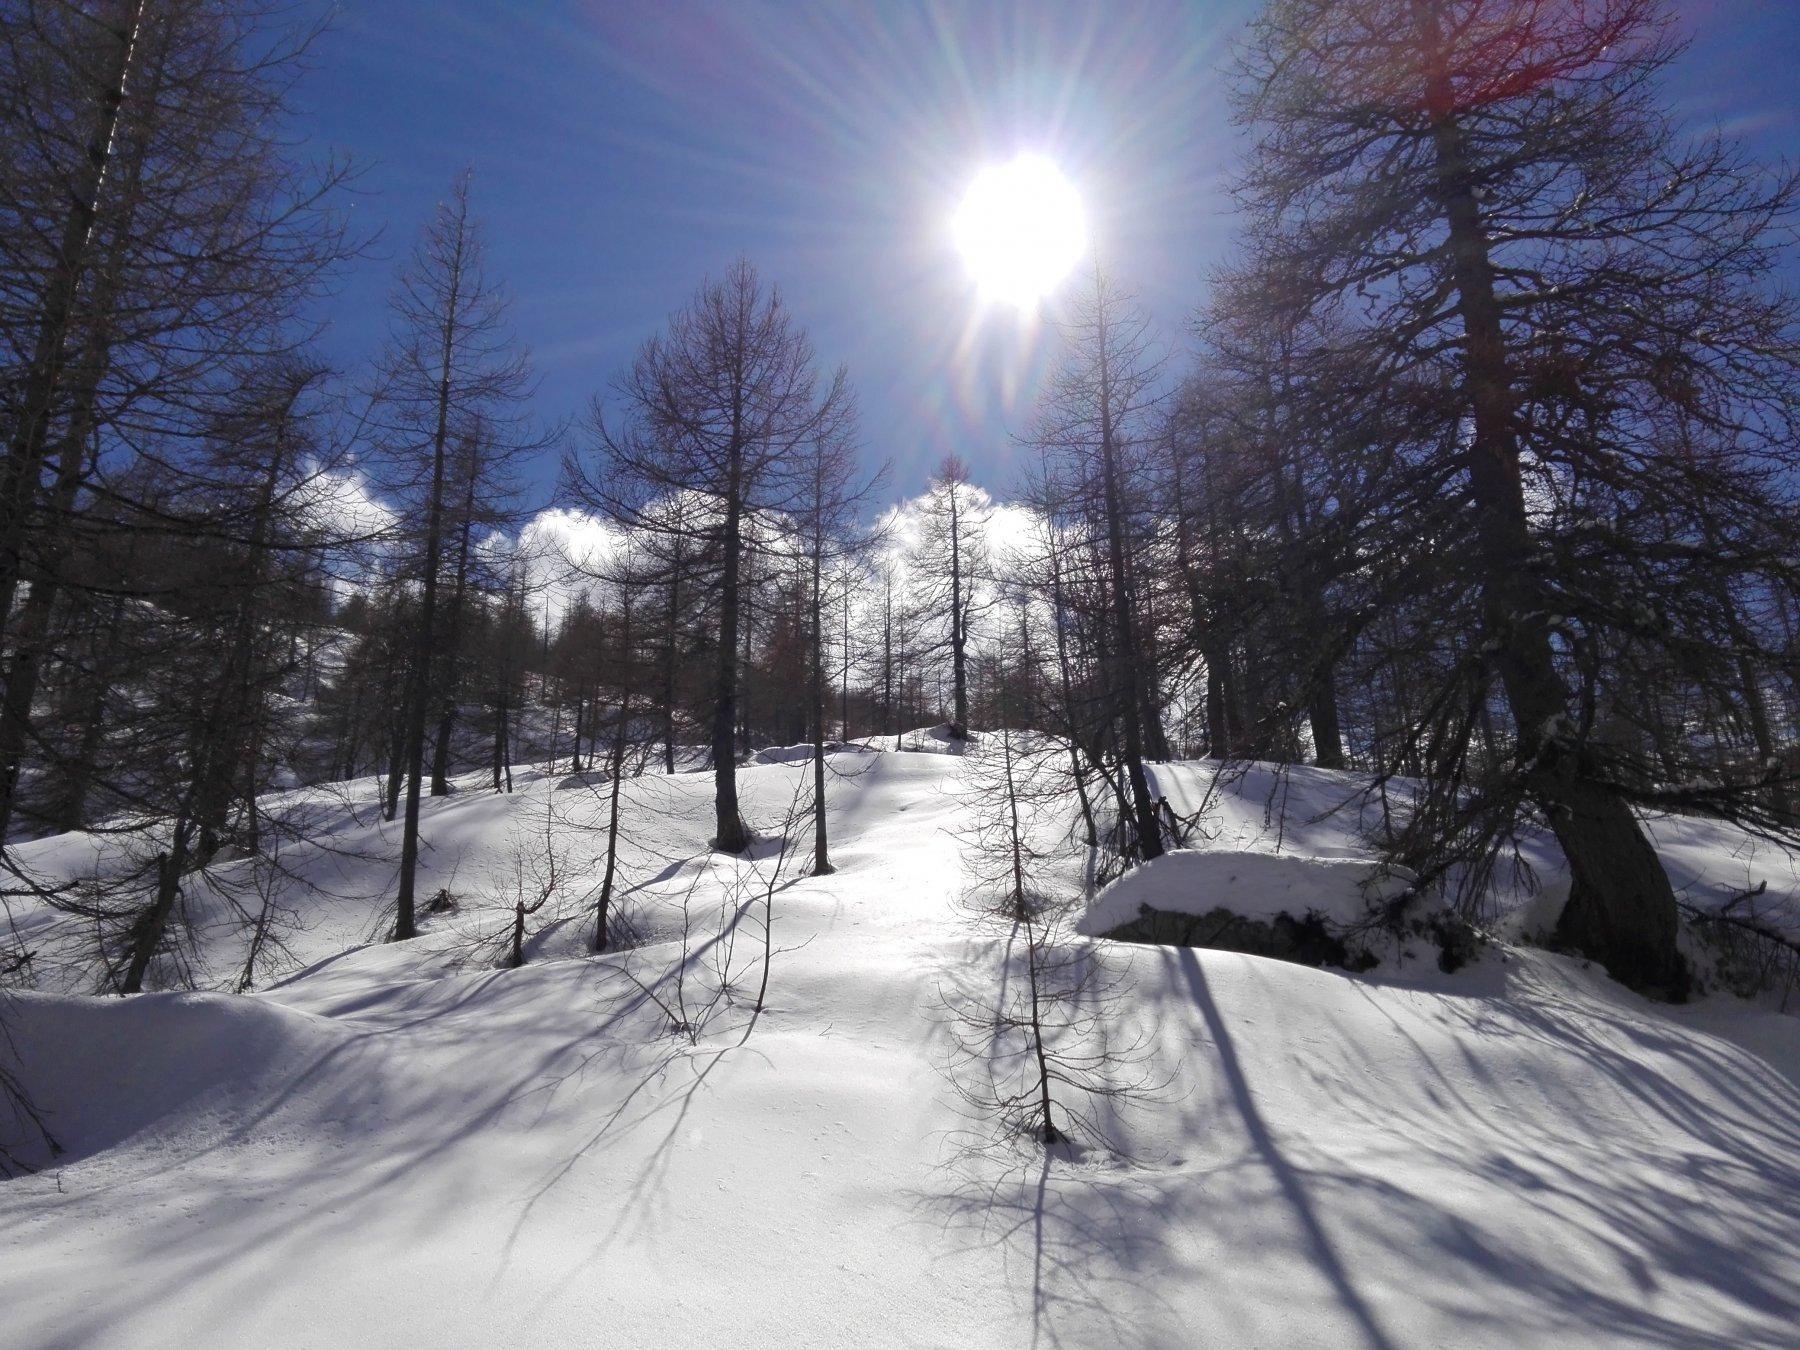 Il paesaggio è tornato invernale